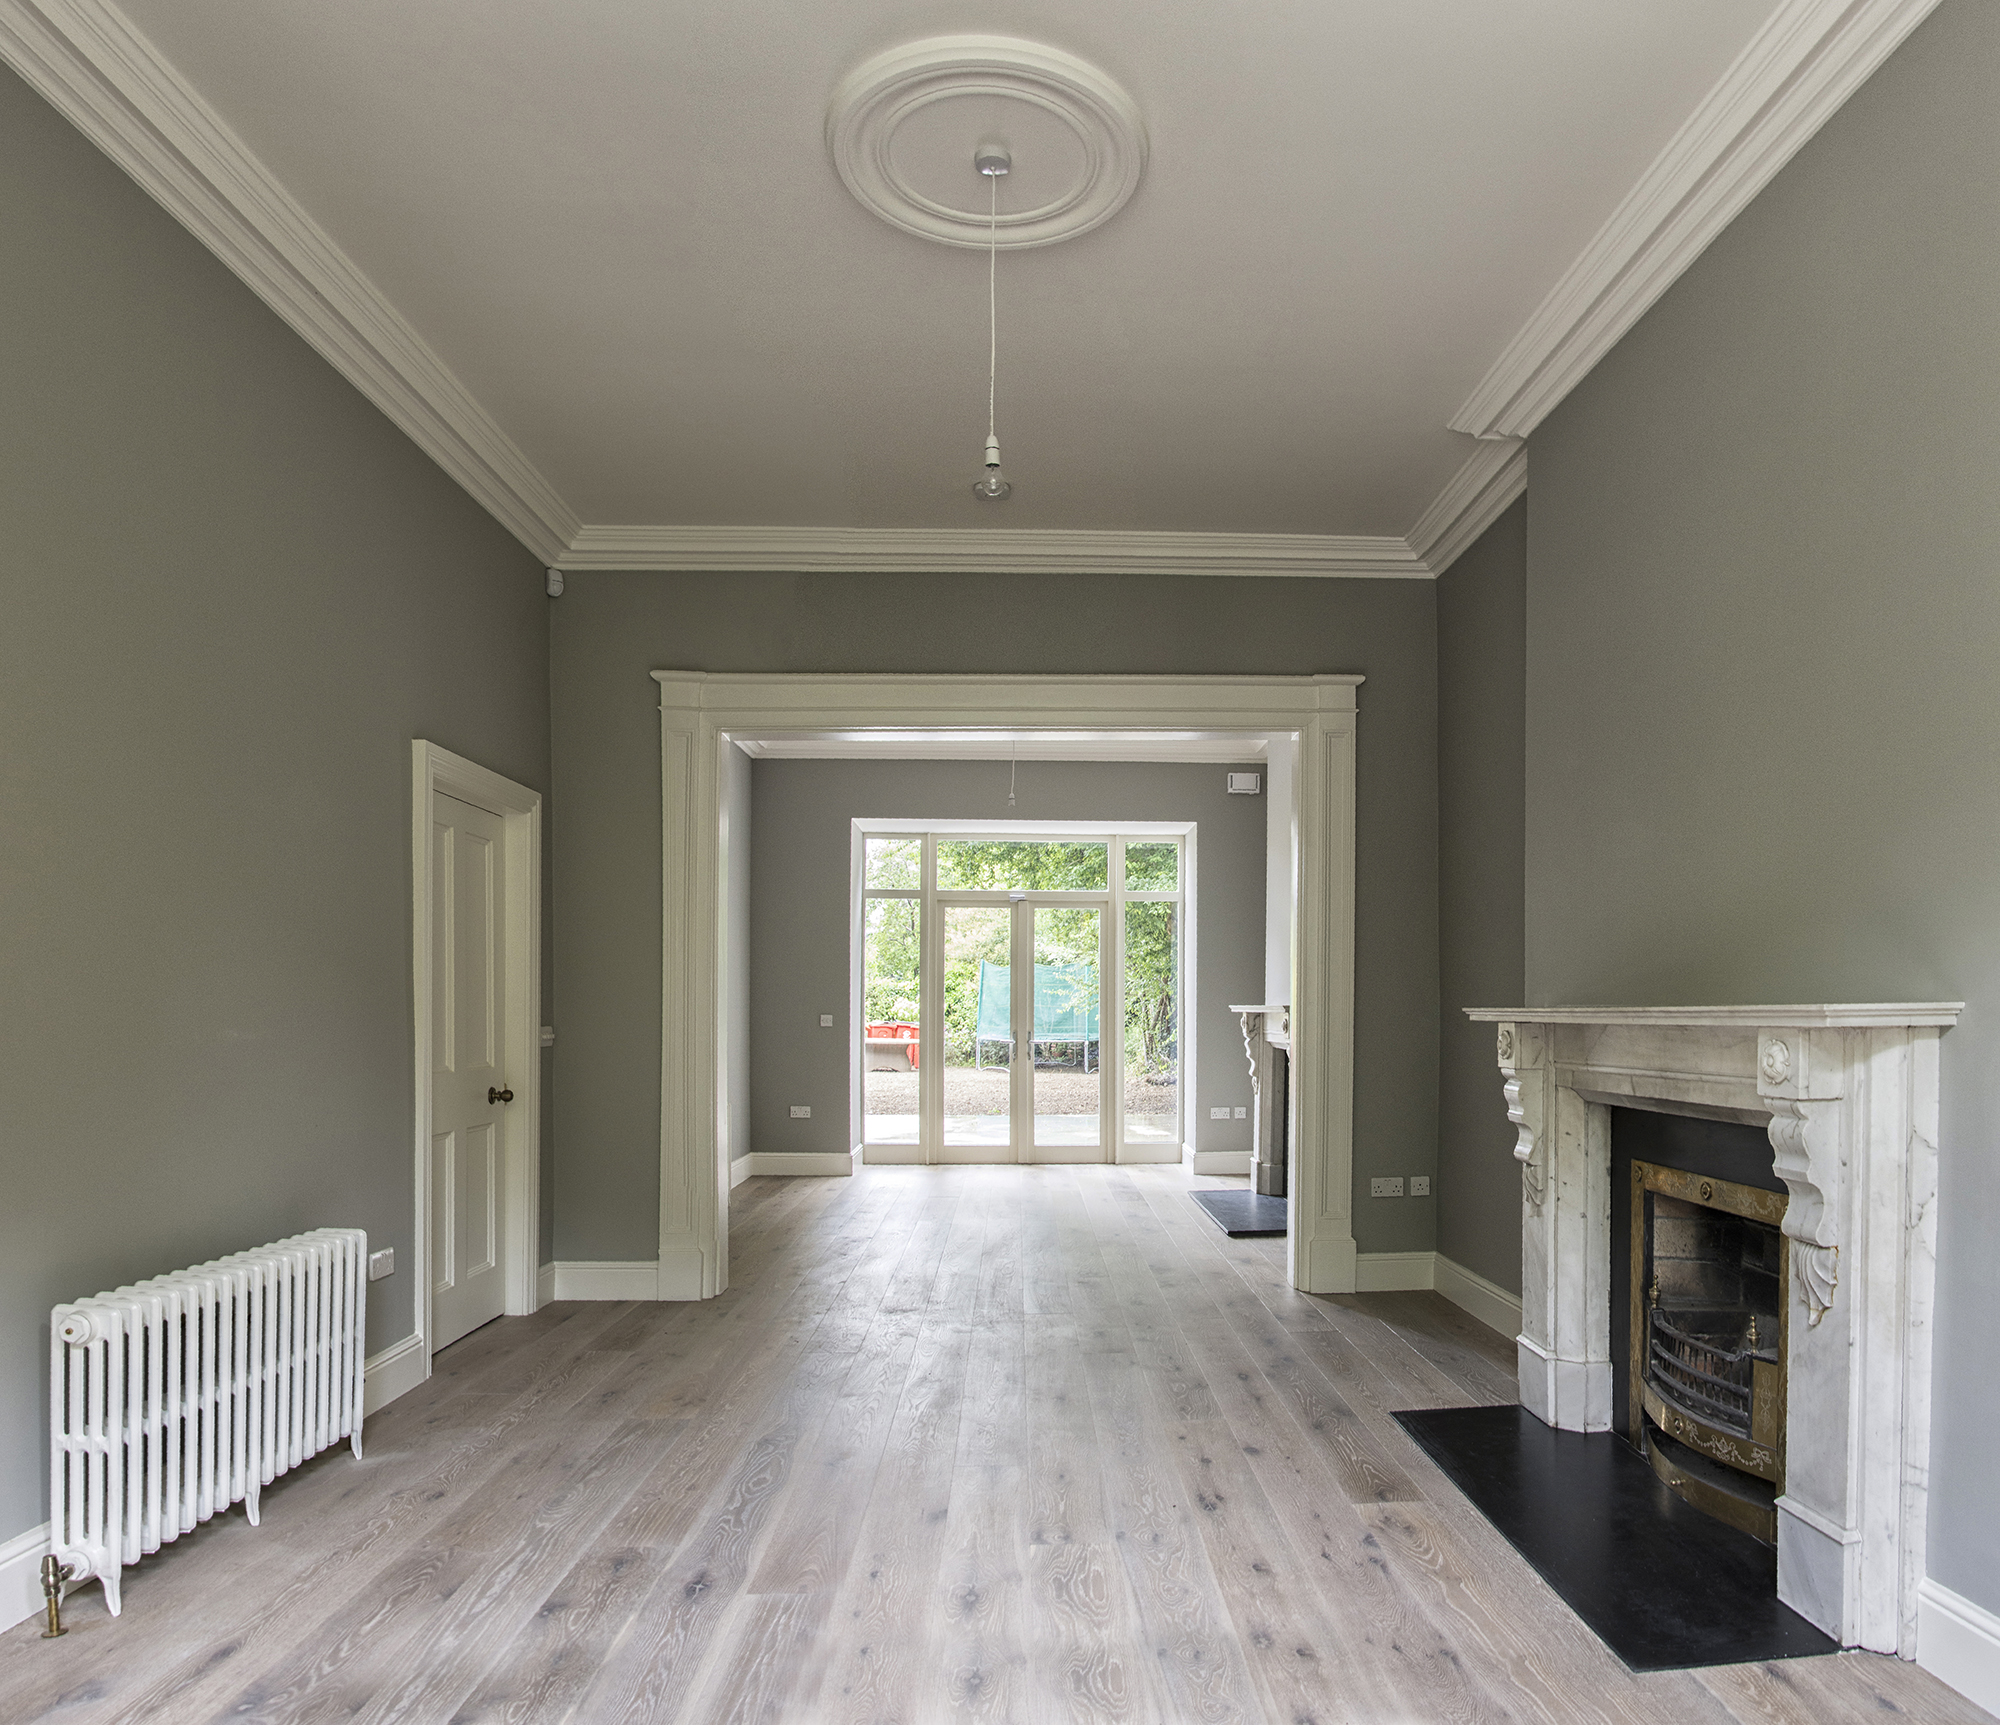 Dartry Living Room Pano 1.jpg